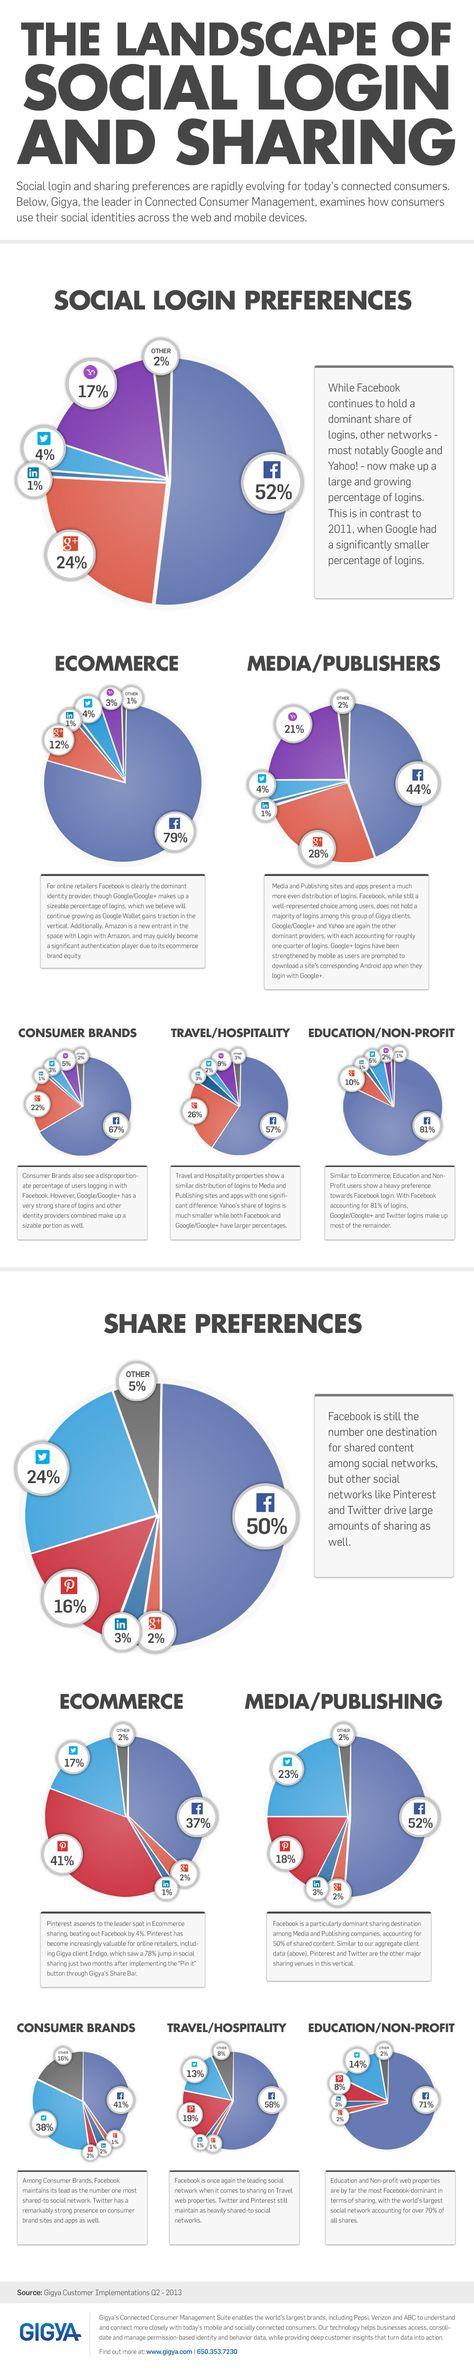 État des lieux du social login et du partage sur les médias sociaux